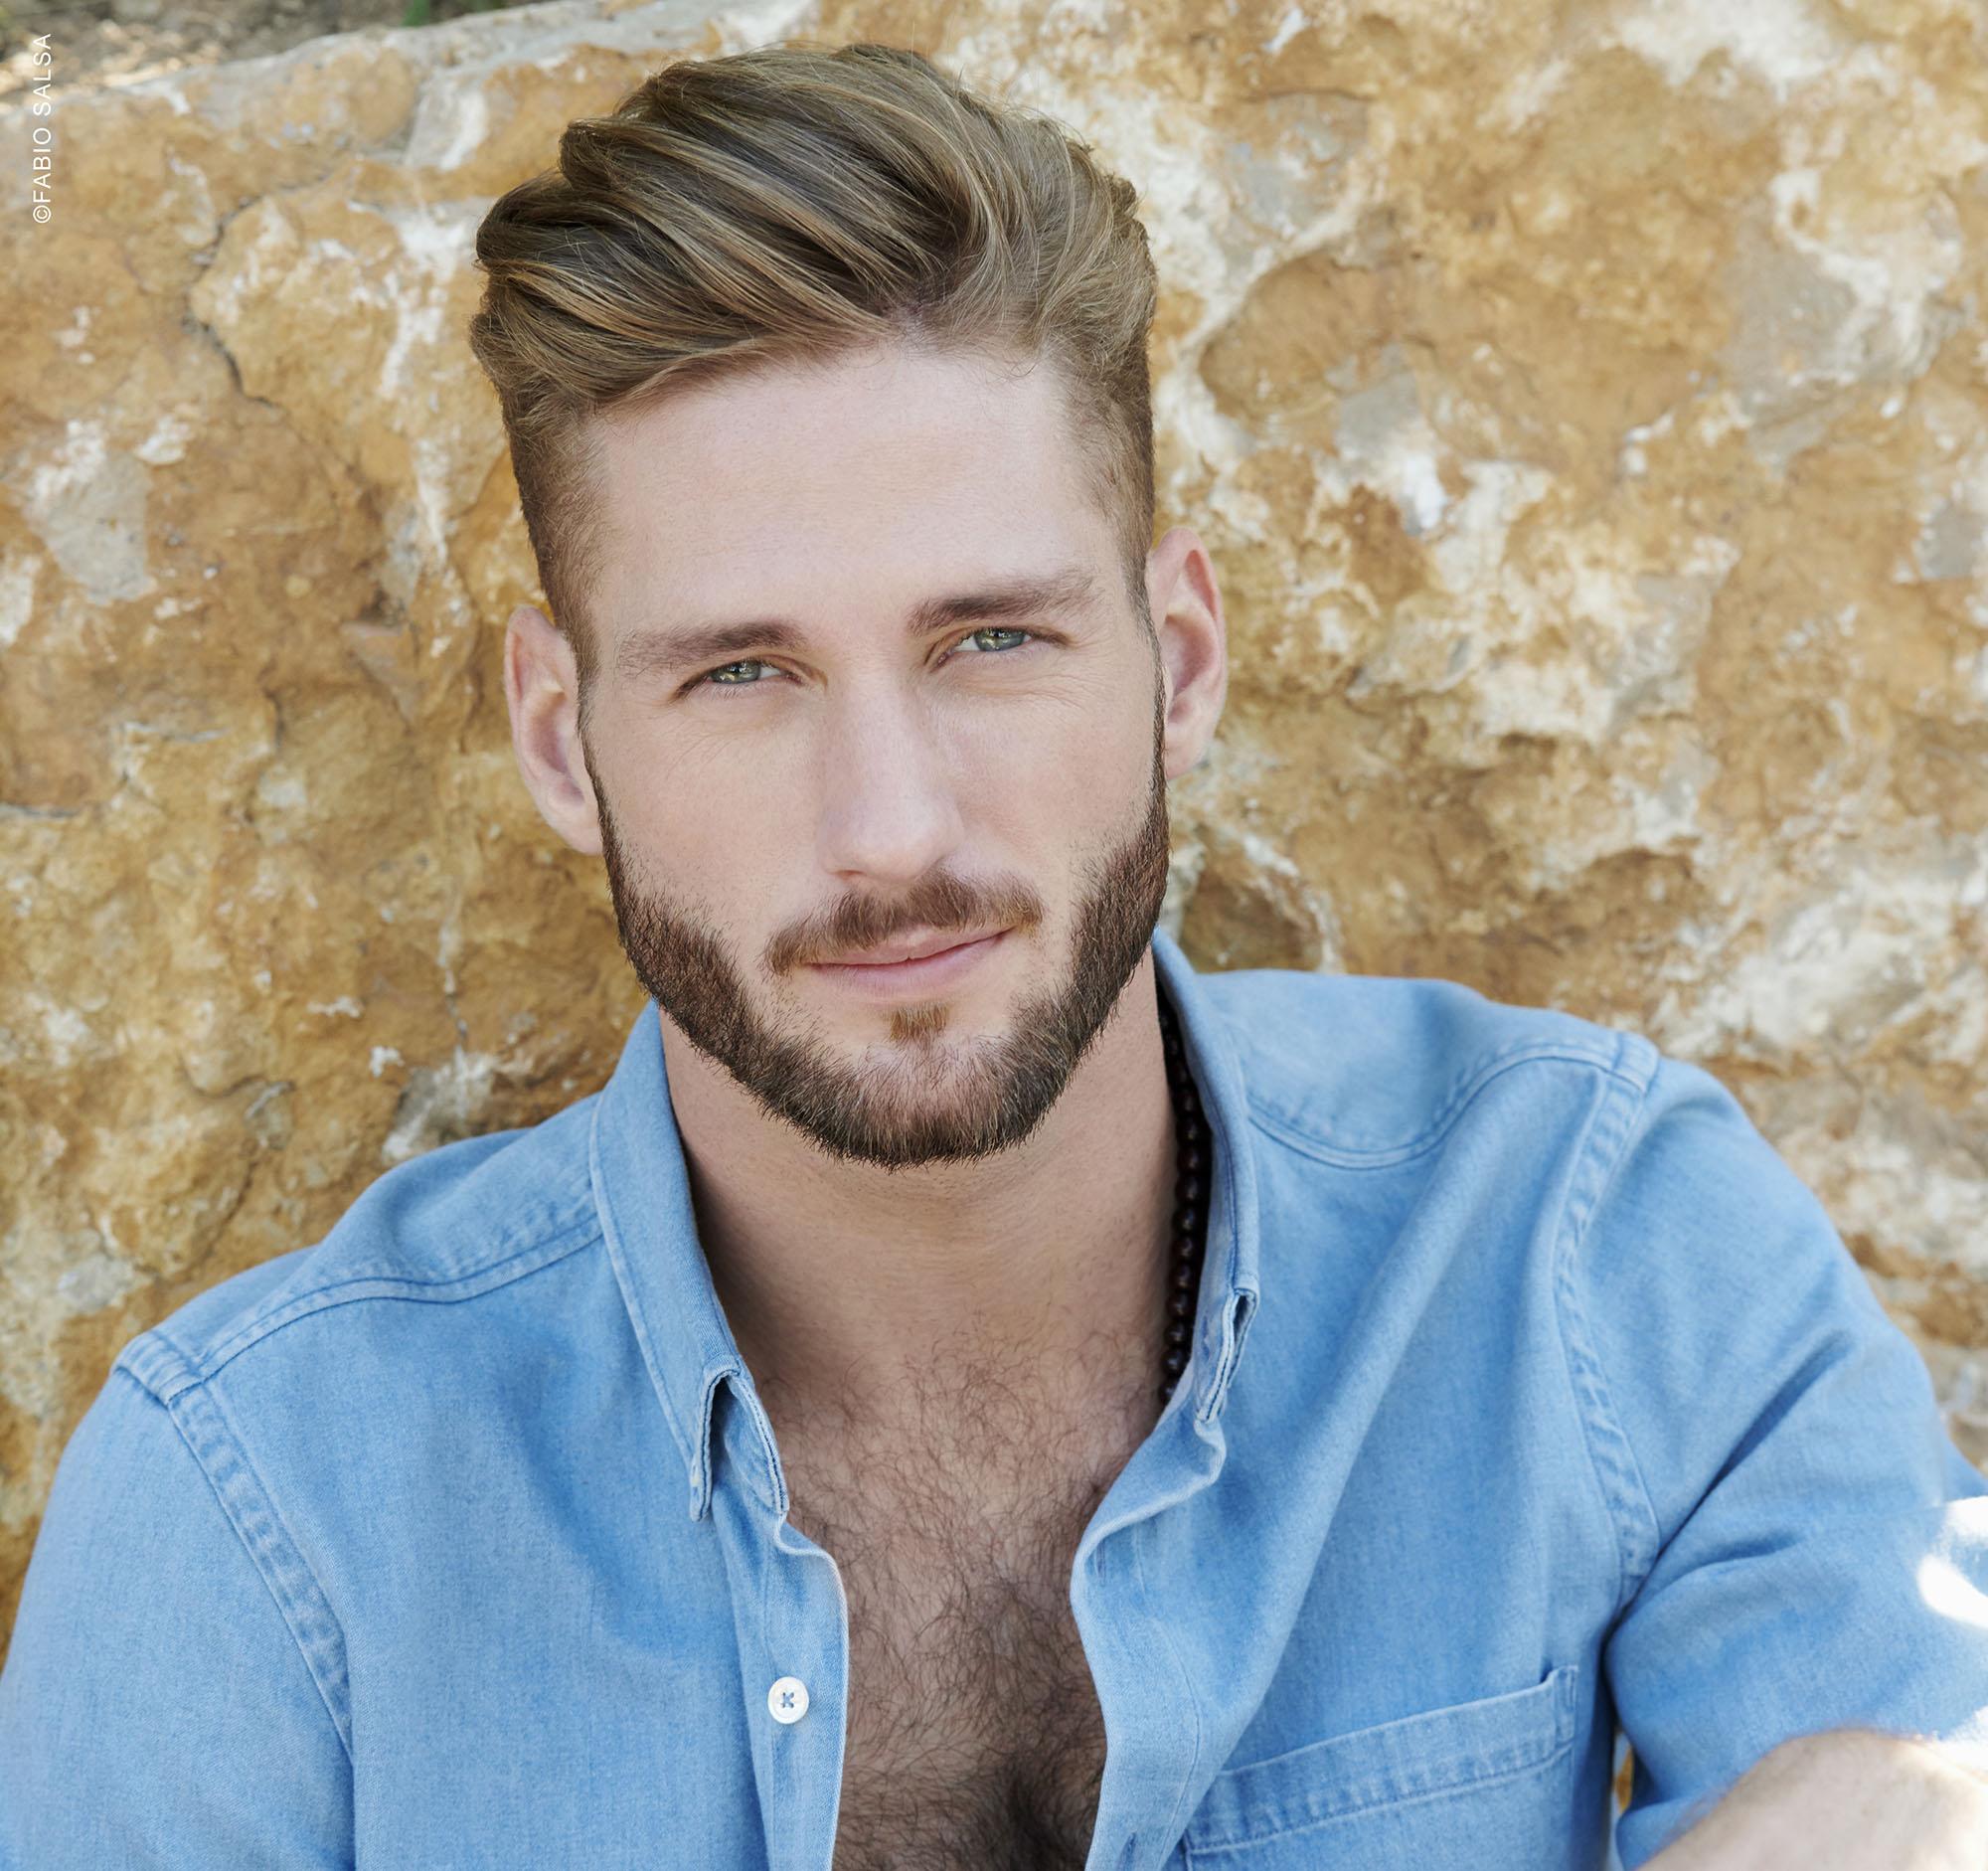 Tendenza Tagli capelli e barba uomo primavera estate 2018